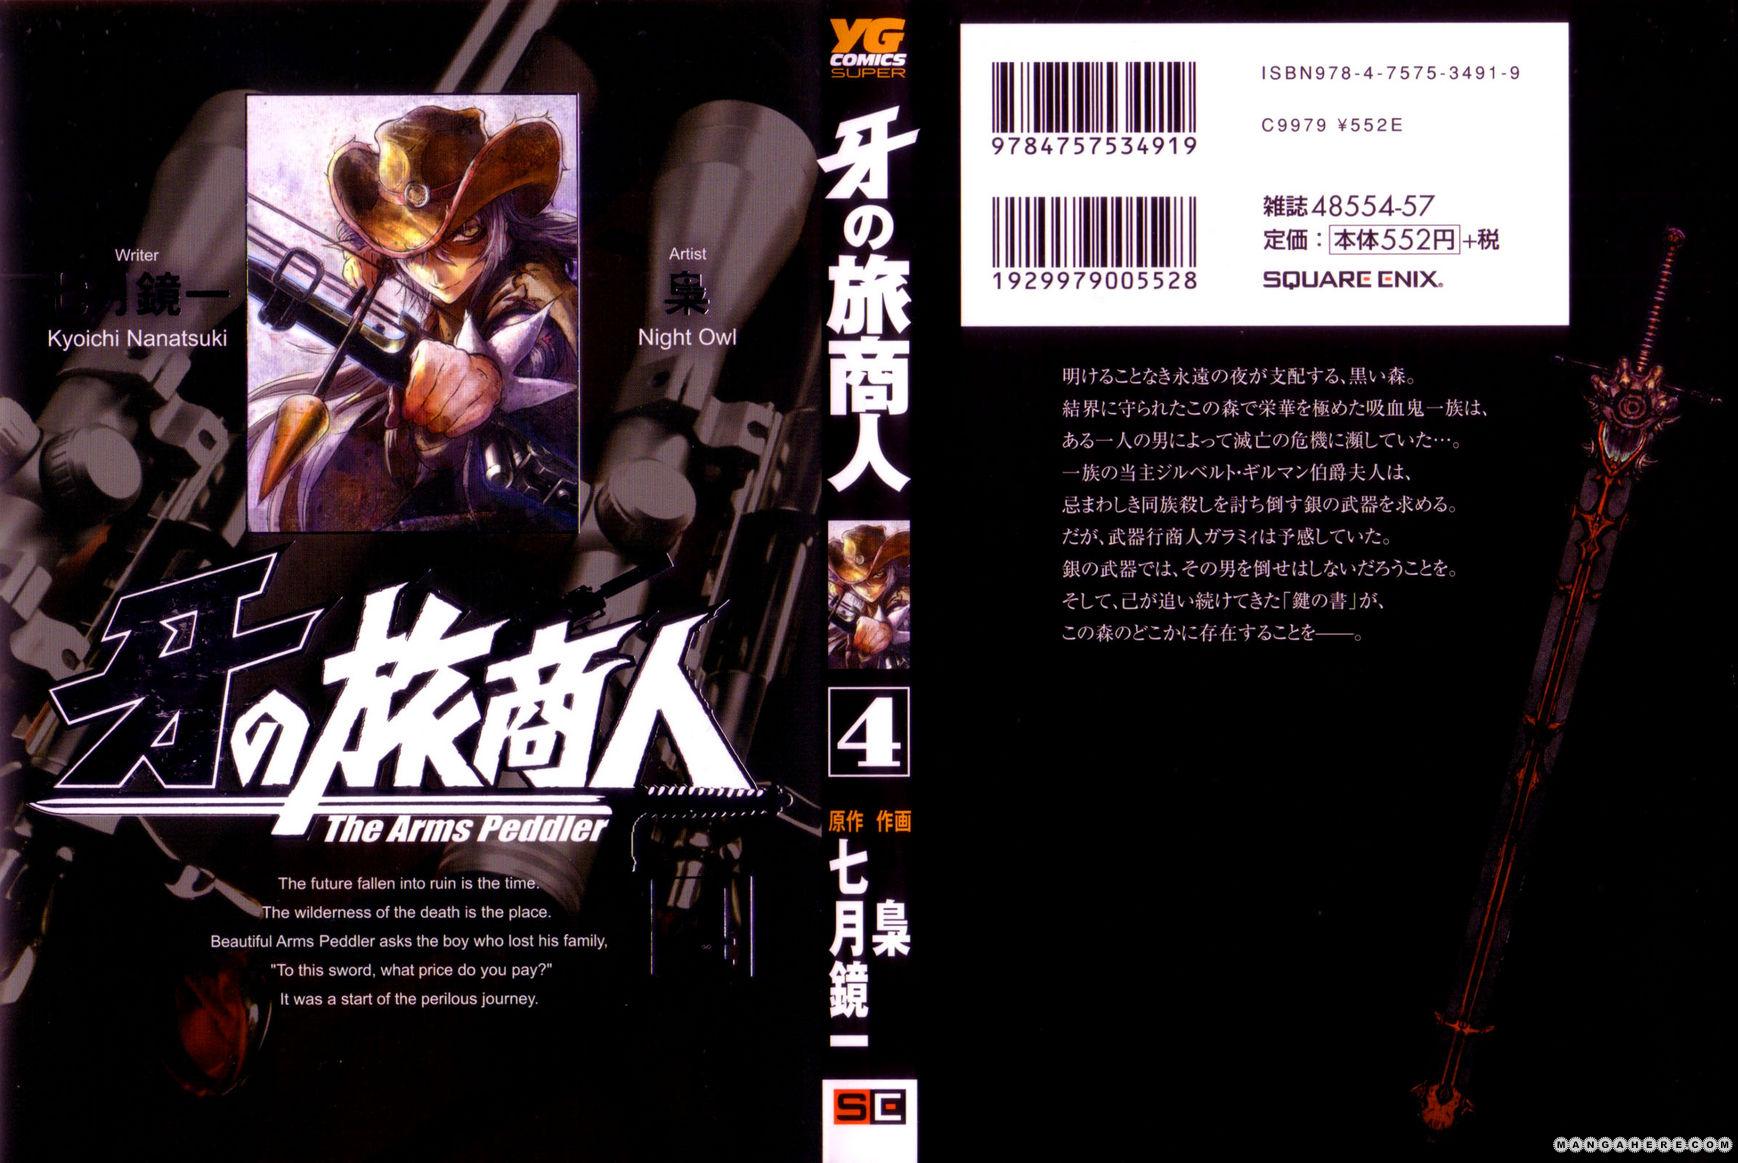 Kiba No Tabishounin The Arms Peddler 23 Page 1